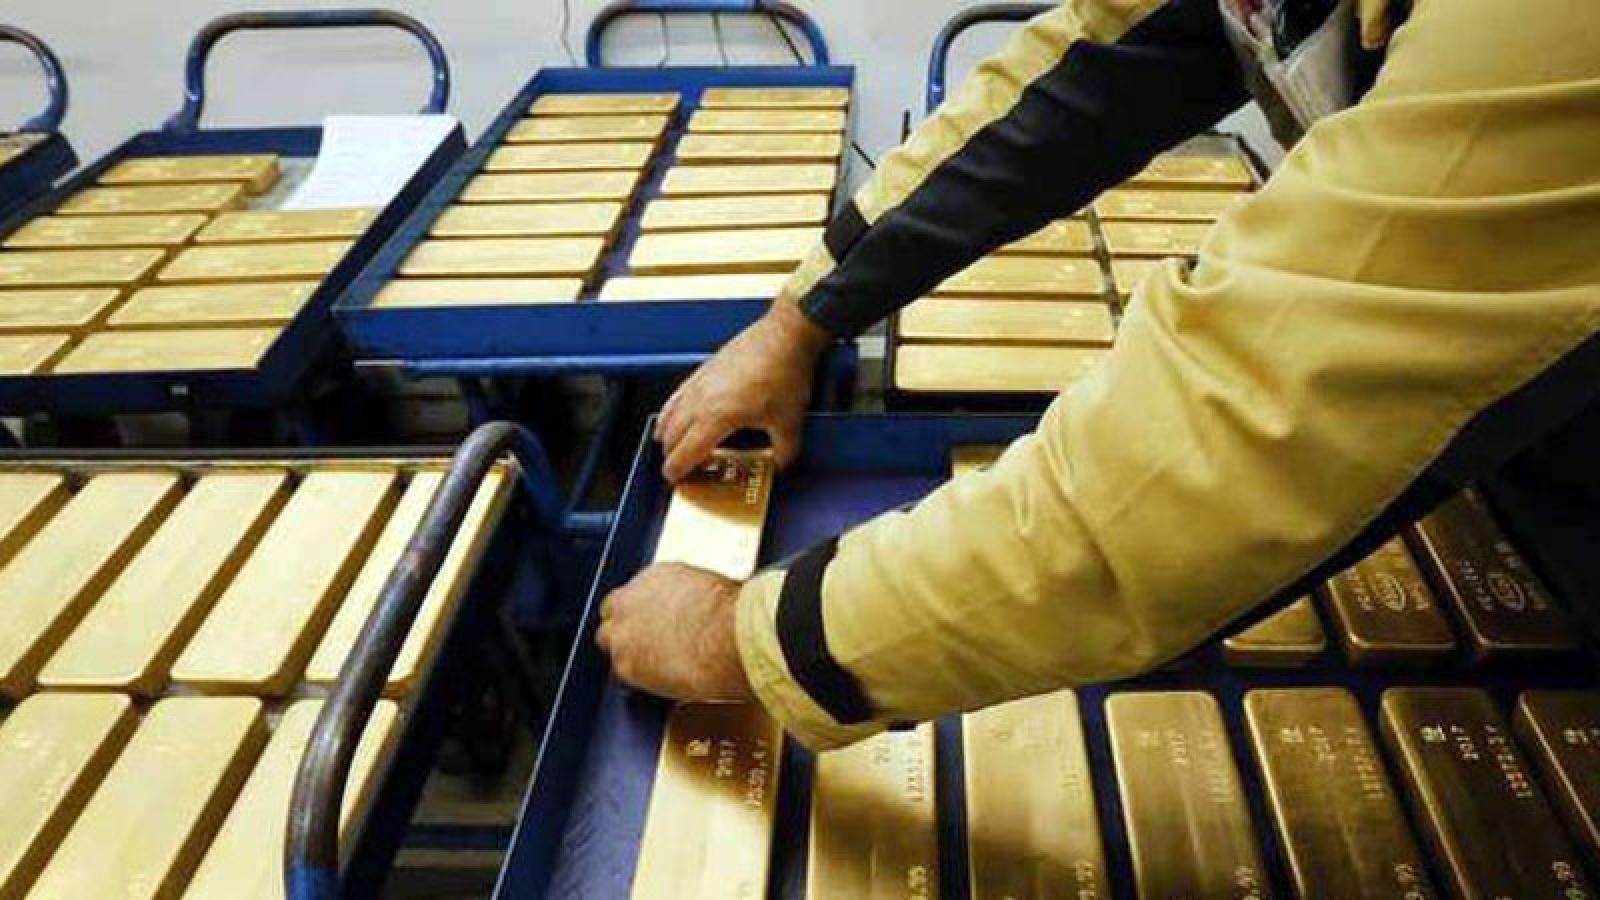 Giới phân tích không kì vọng vàng sẽ tăng giá trở lại?